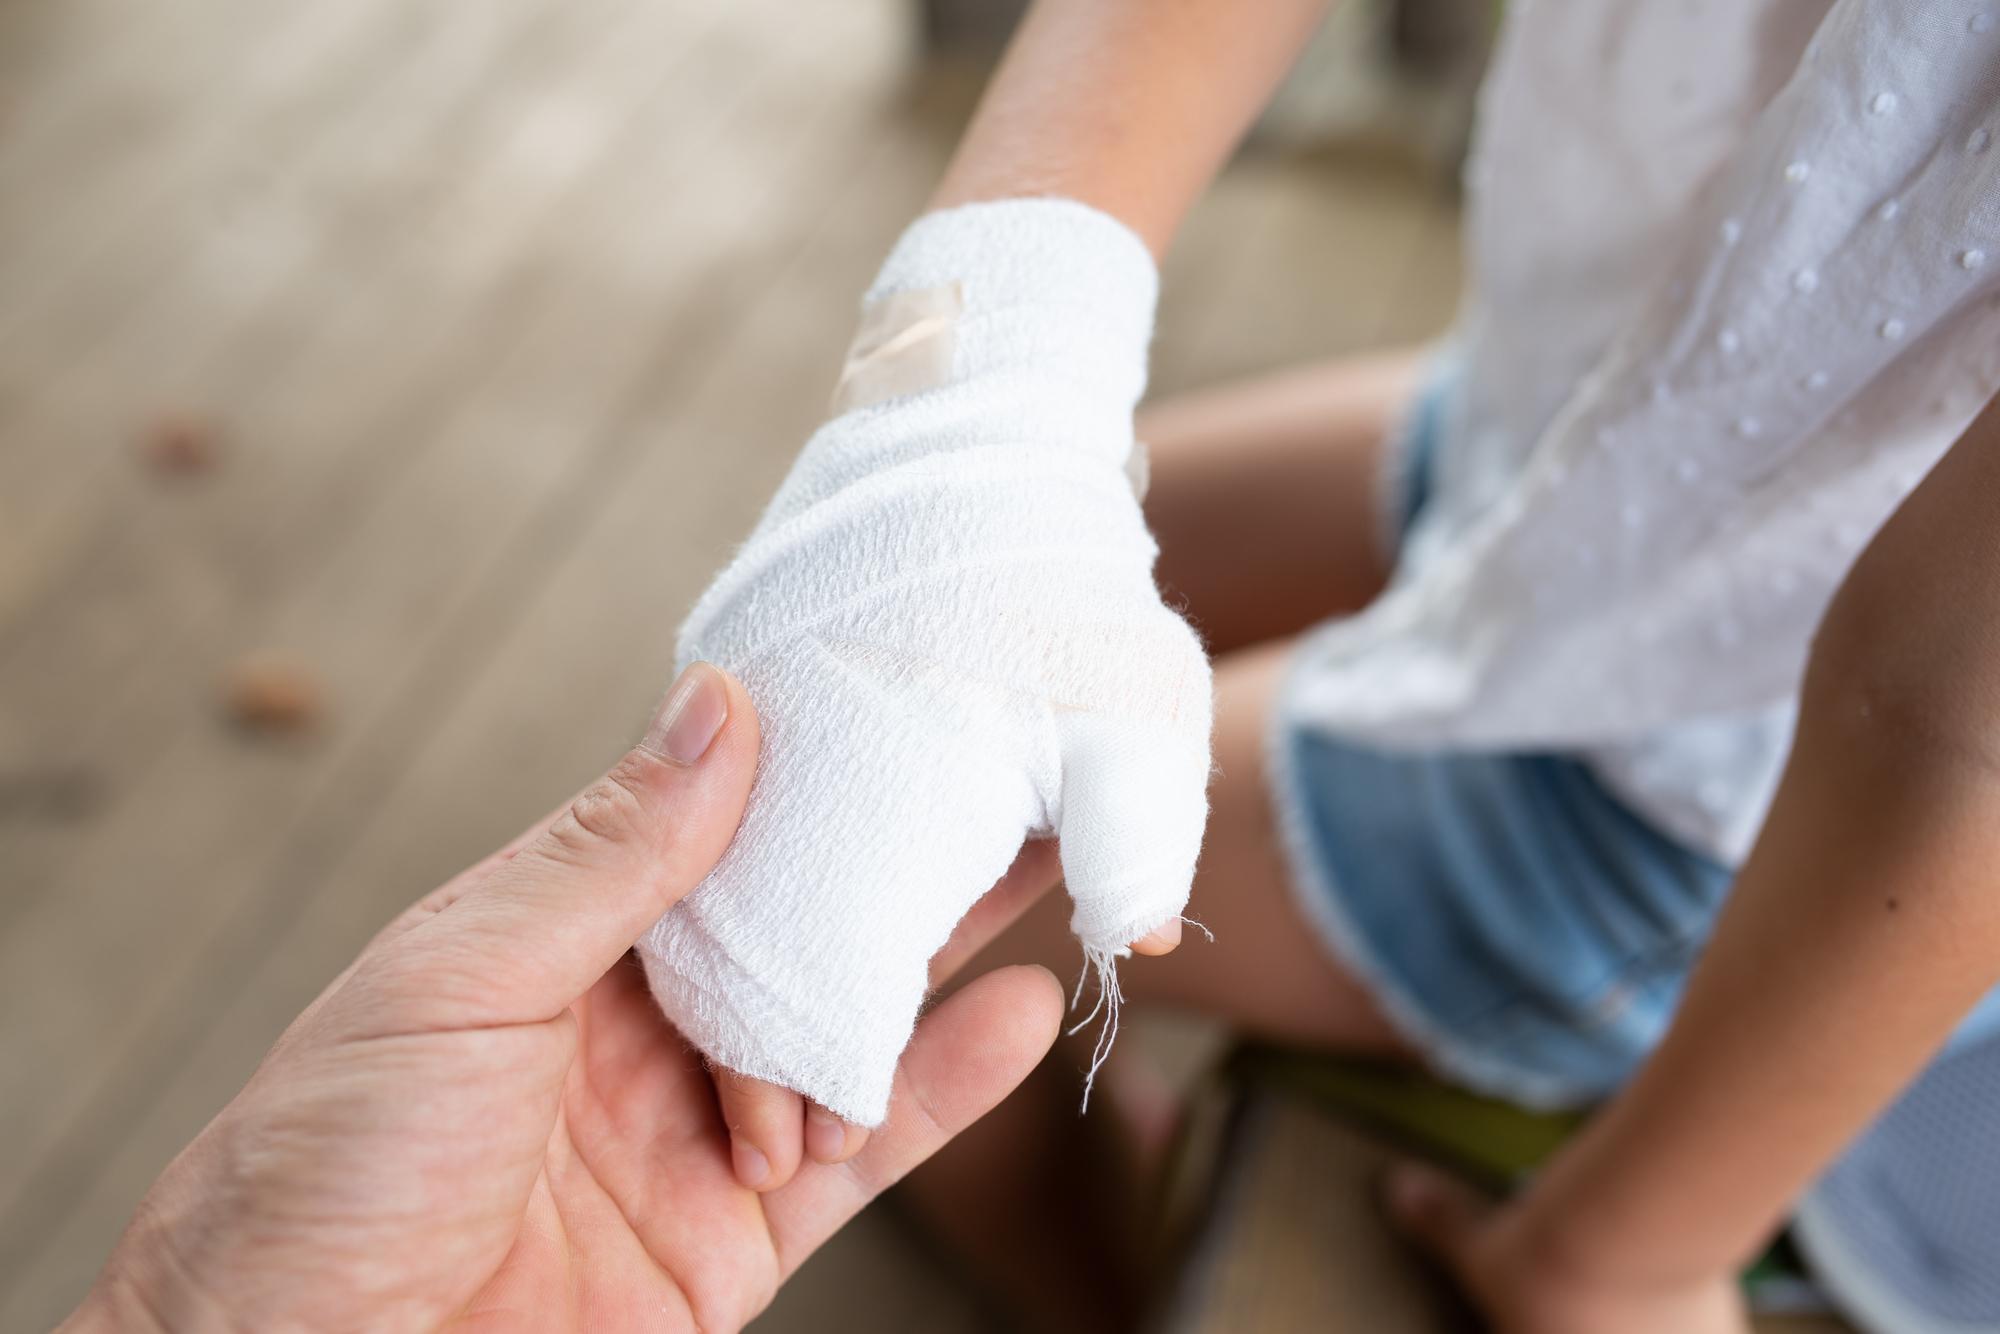 暖房器具や低温やけどに要注意! 冬場のやけどから子供を守るための対策